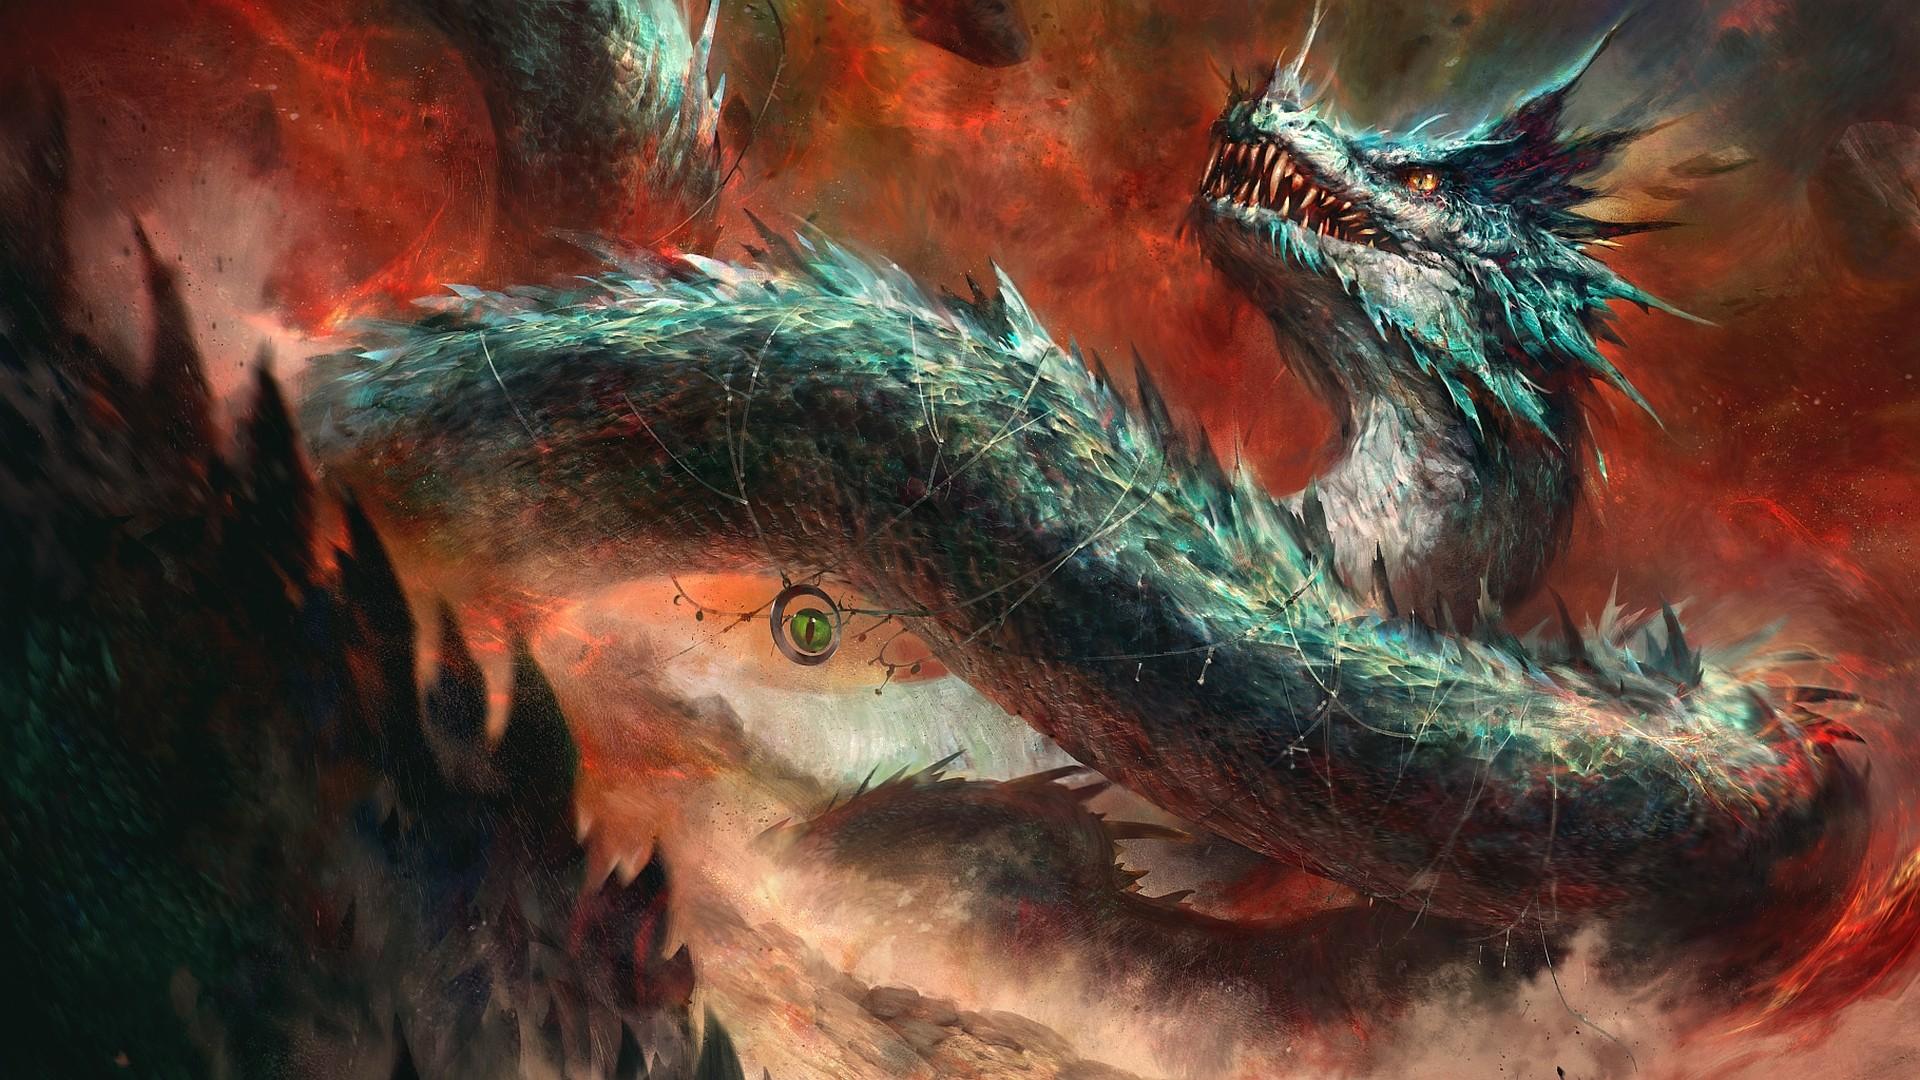 General 1920x1080 dragon artwork digital art creature fantasy art